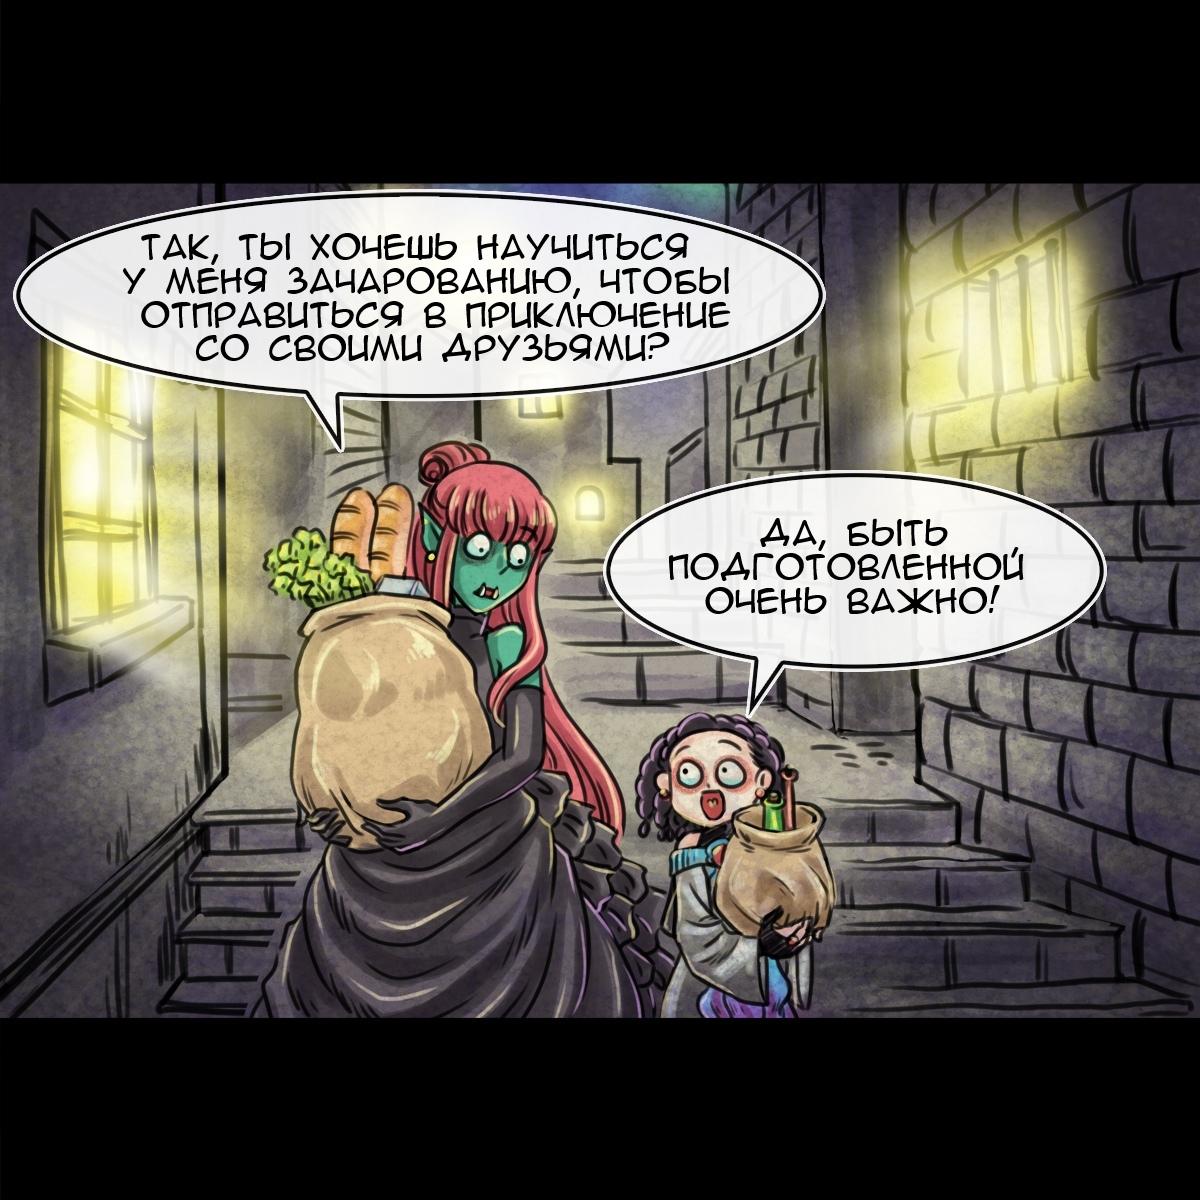 Ктулху, его ученица и злая ведьма